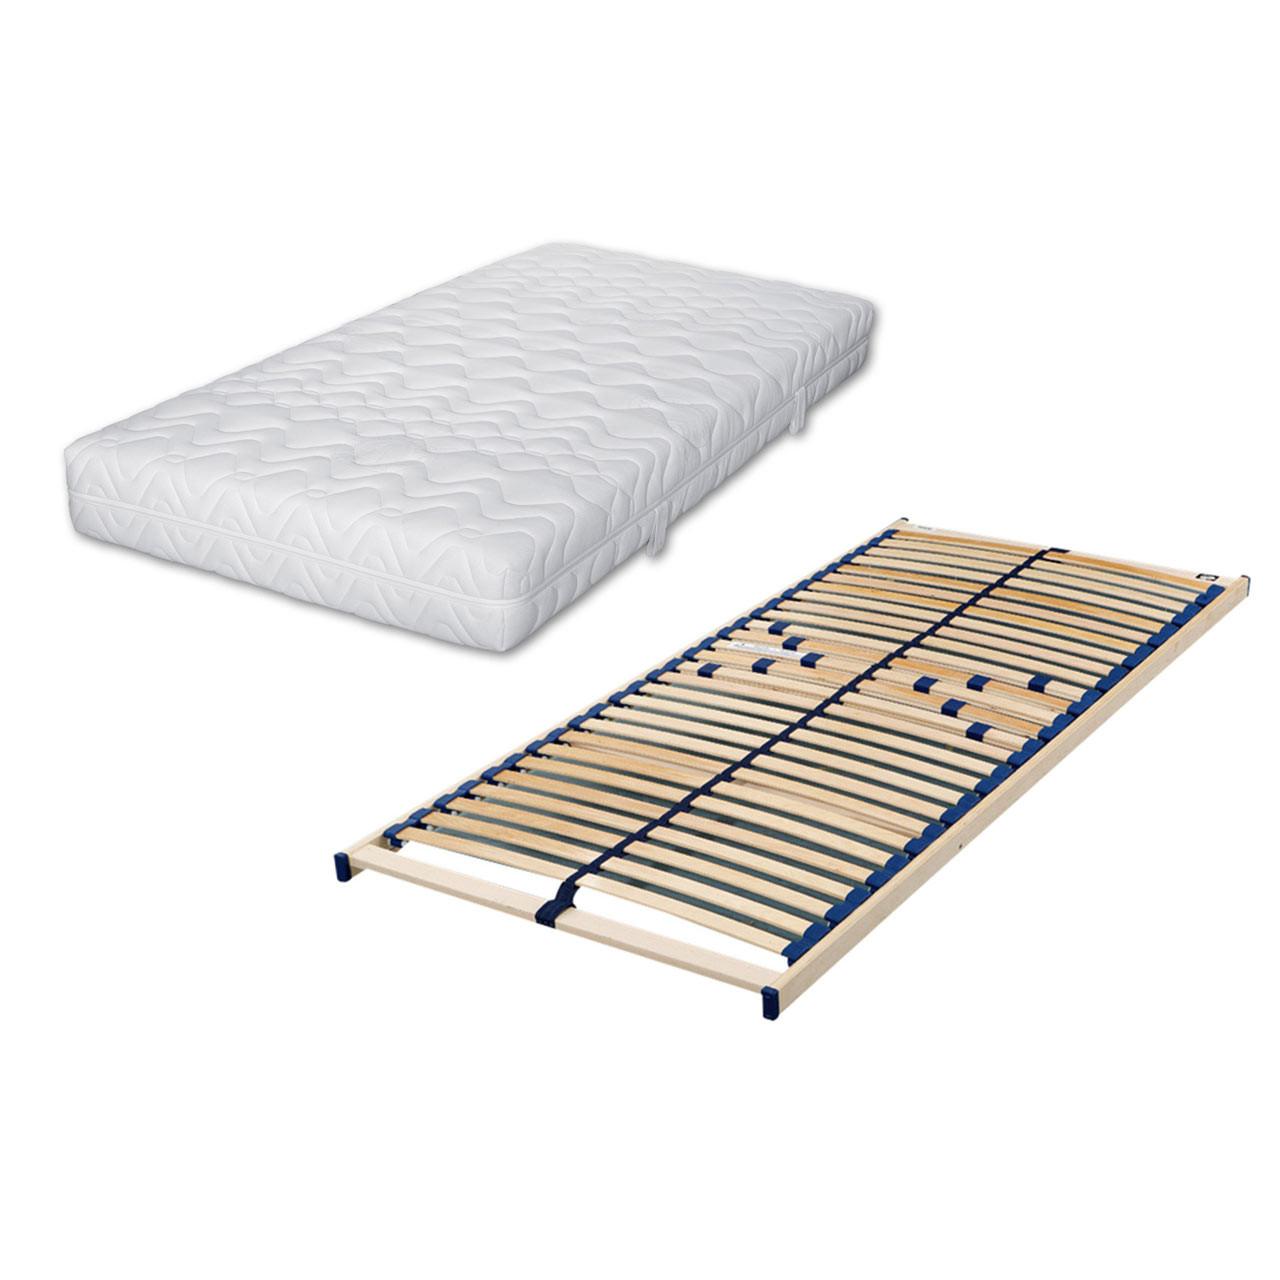 matratzen 120x200 h2 preisvergleich die besten angebote online kaufen. Black Bedroom Furniture Sets. Home Design Ideas